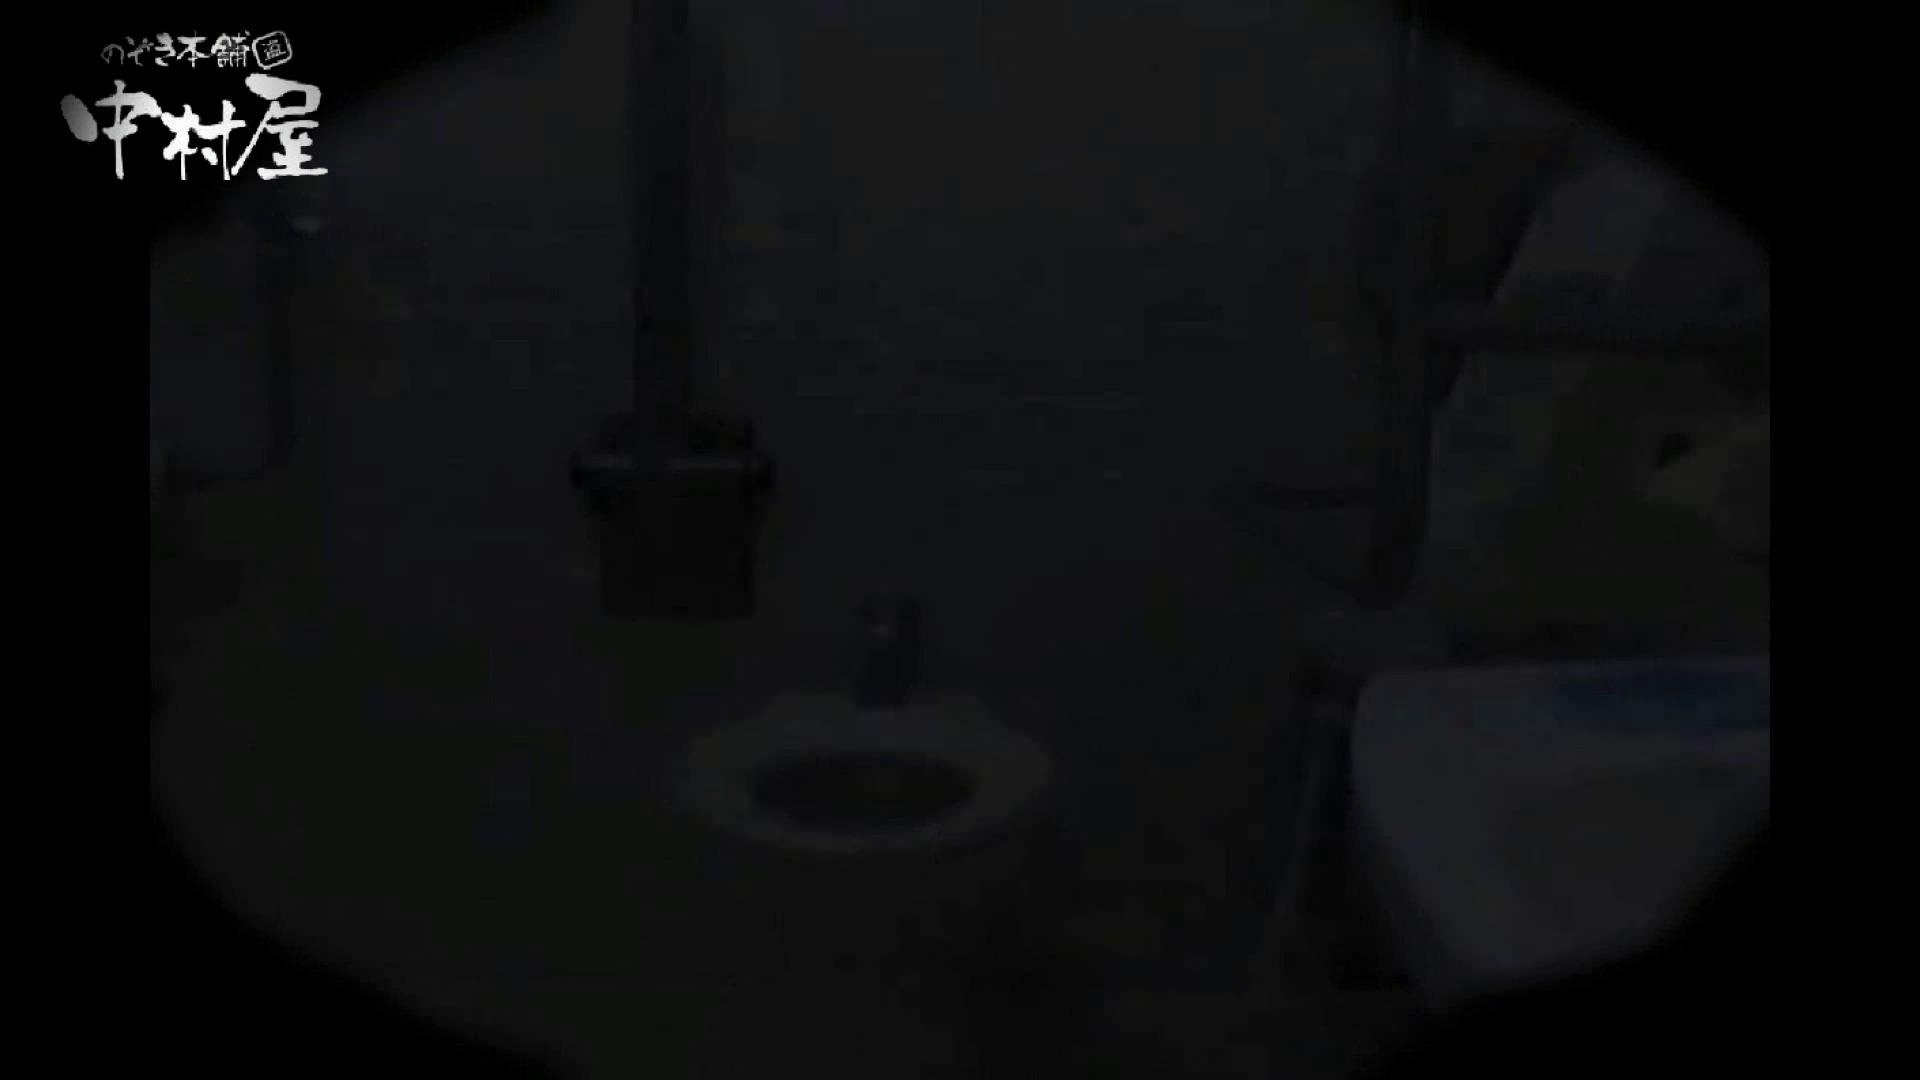 teen galトイレ覗き紙がナイ編‼vol.13 リアルトイレ  102Pix 55